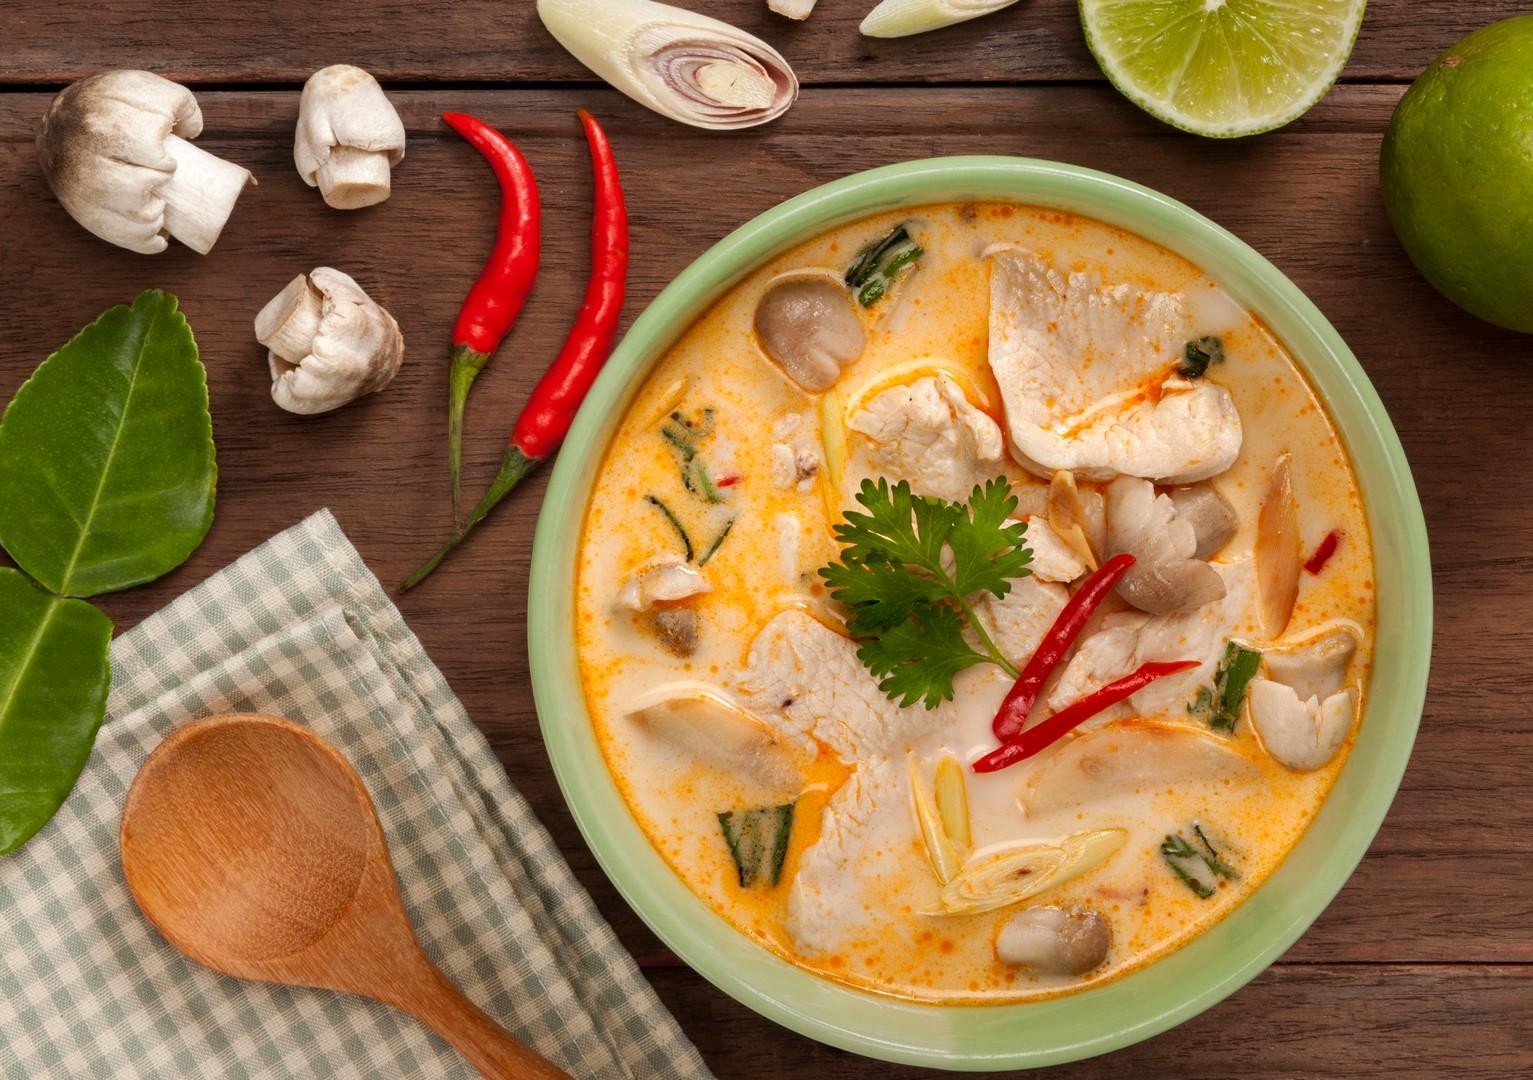 QAFP Orientalne zupy na zimowe wieczory